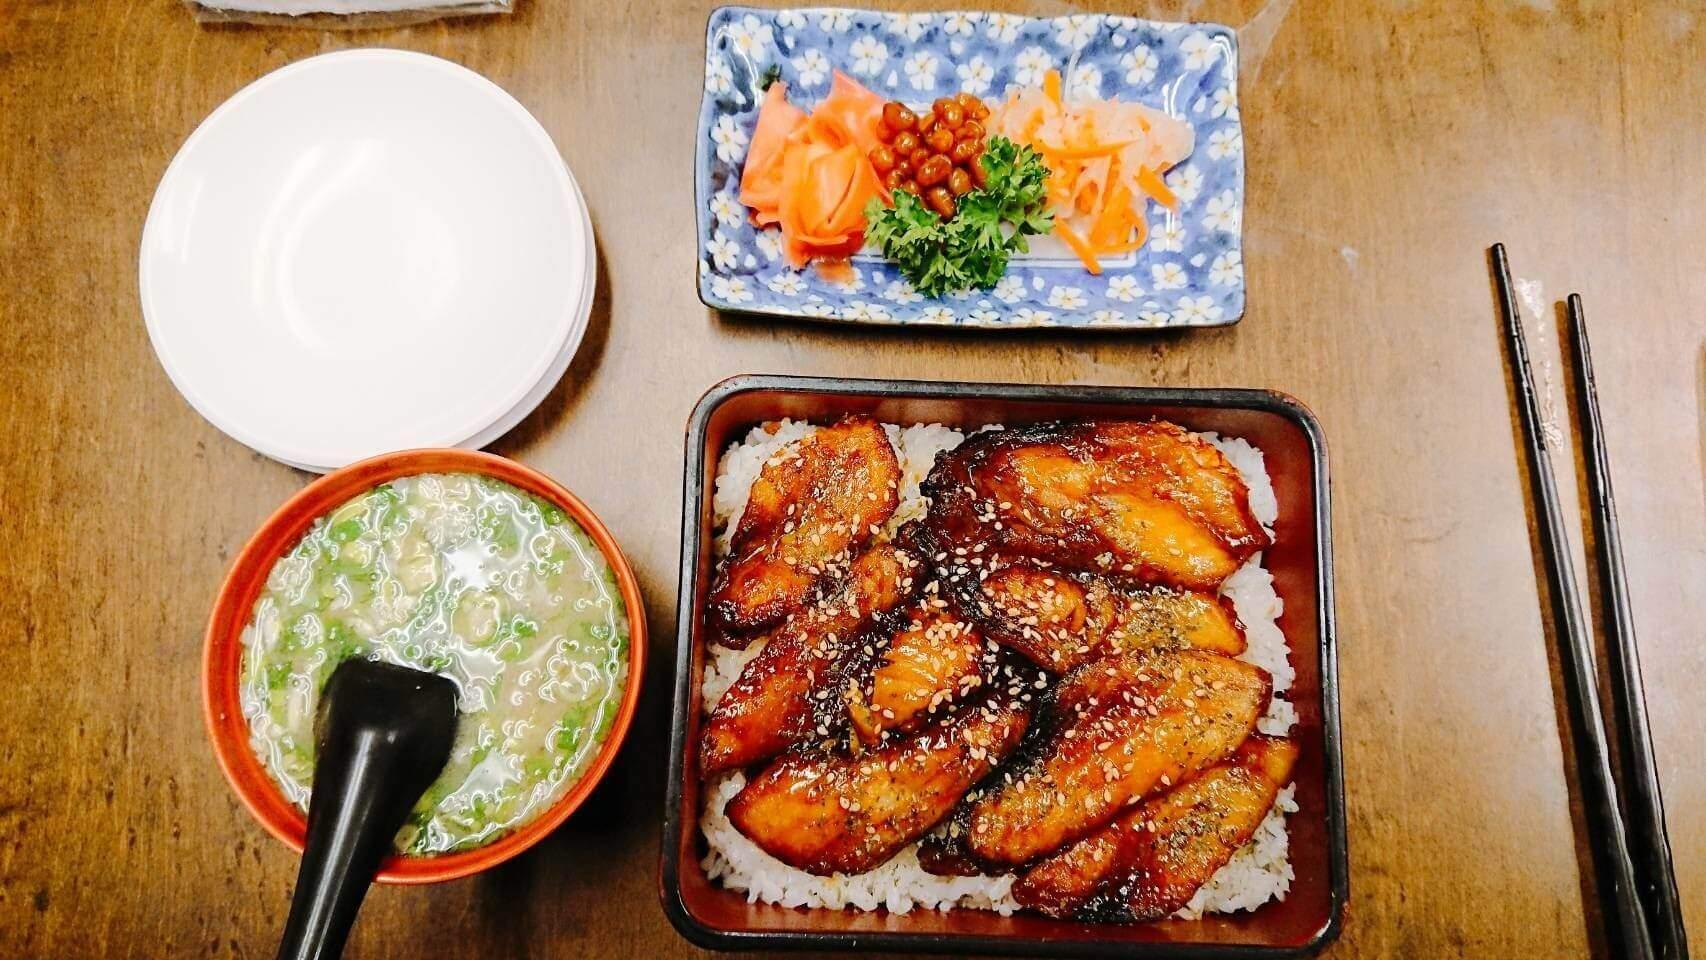 【花蓮市區】魚豐–新鮮平價的握壽司,還有便宜大碗的蓋飯